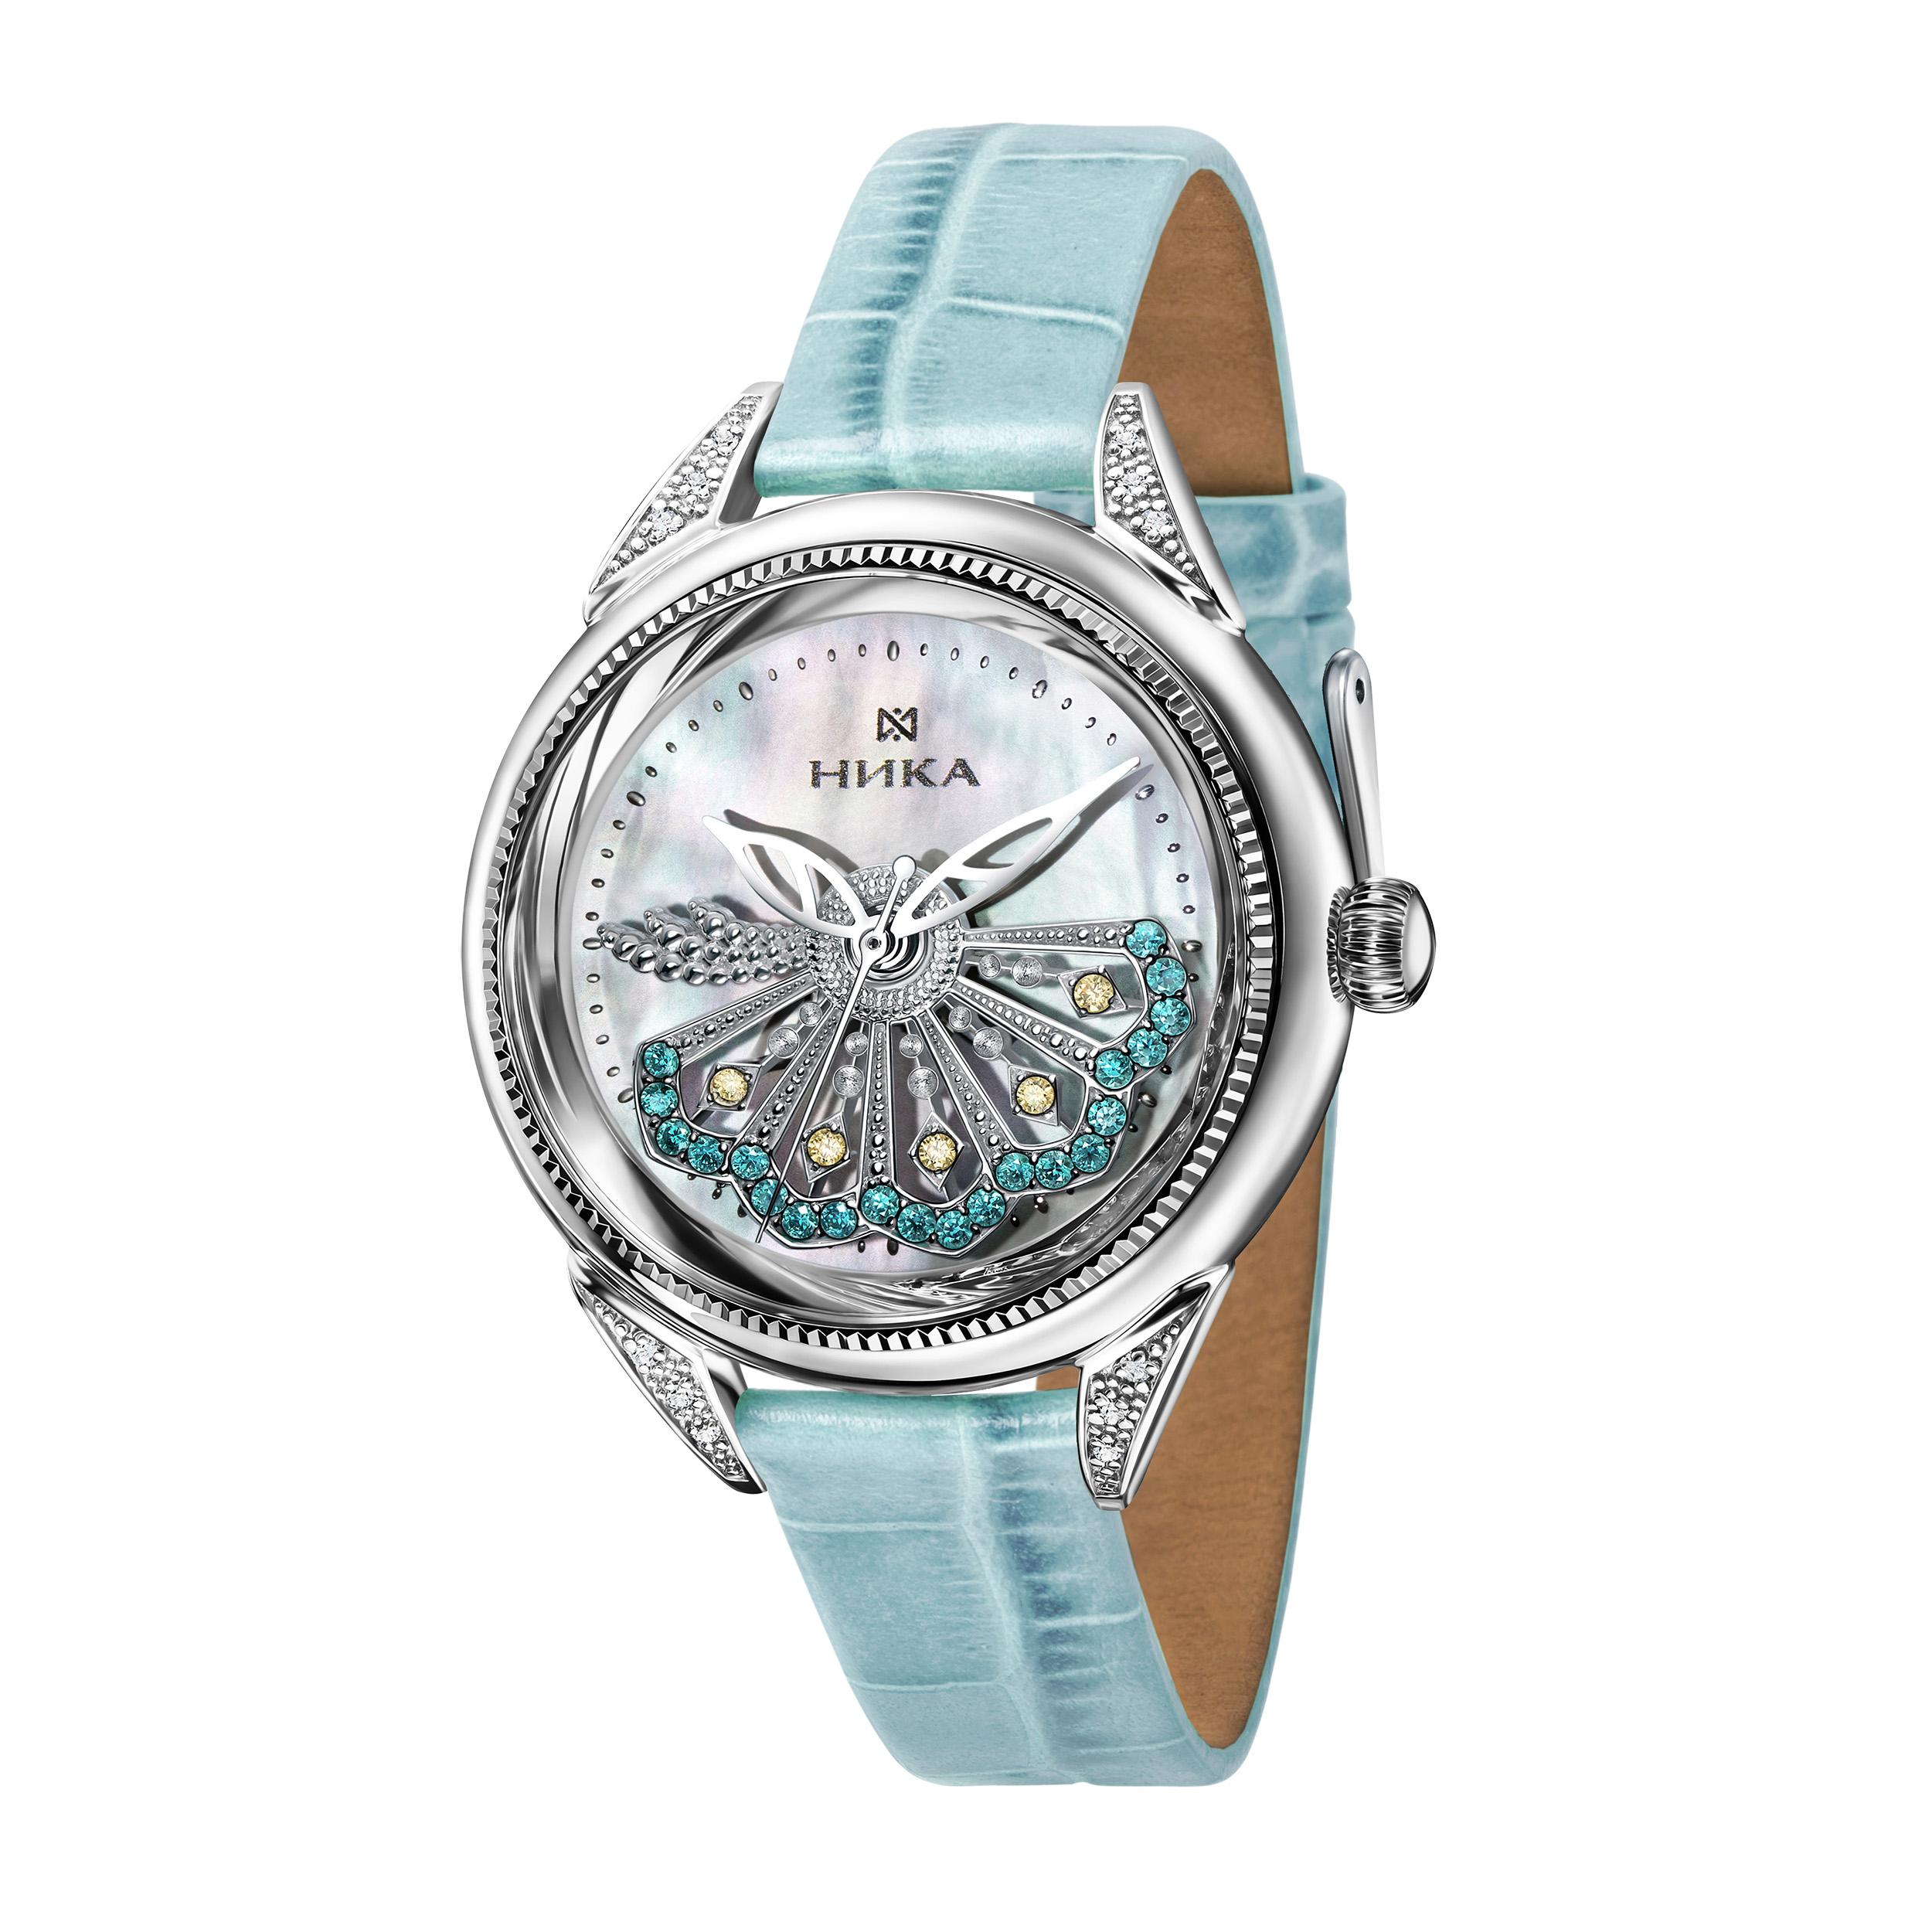 Женские часы из серебра с бриллиантом, кристаллом сваровски и фианитом арт. 1282.12.9.37в01 1282.12.9.37в01